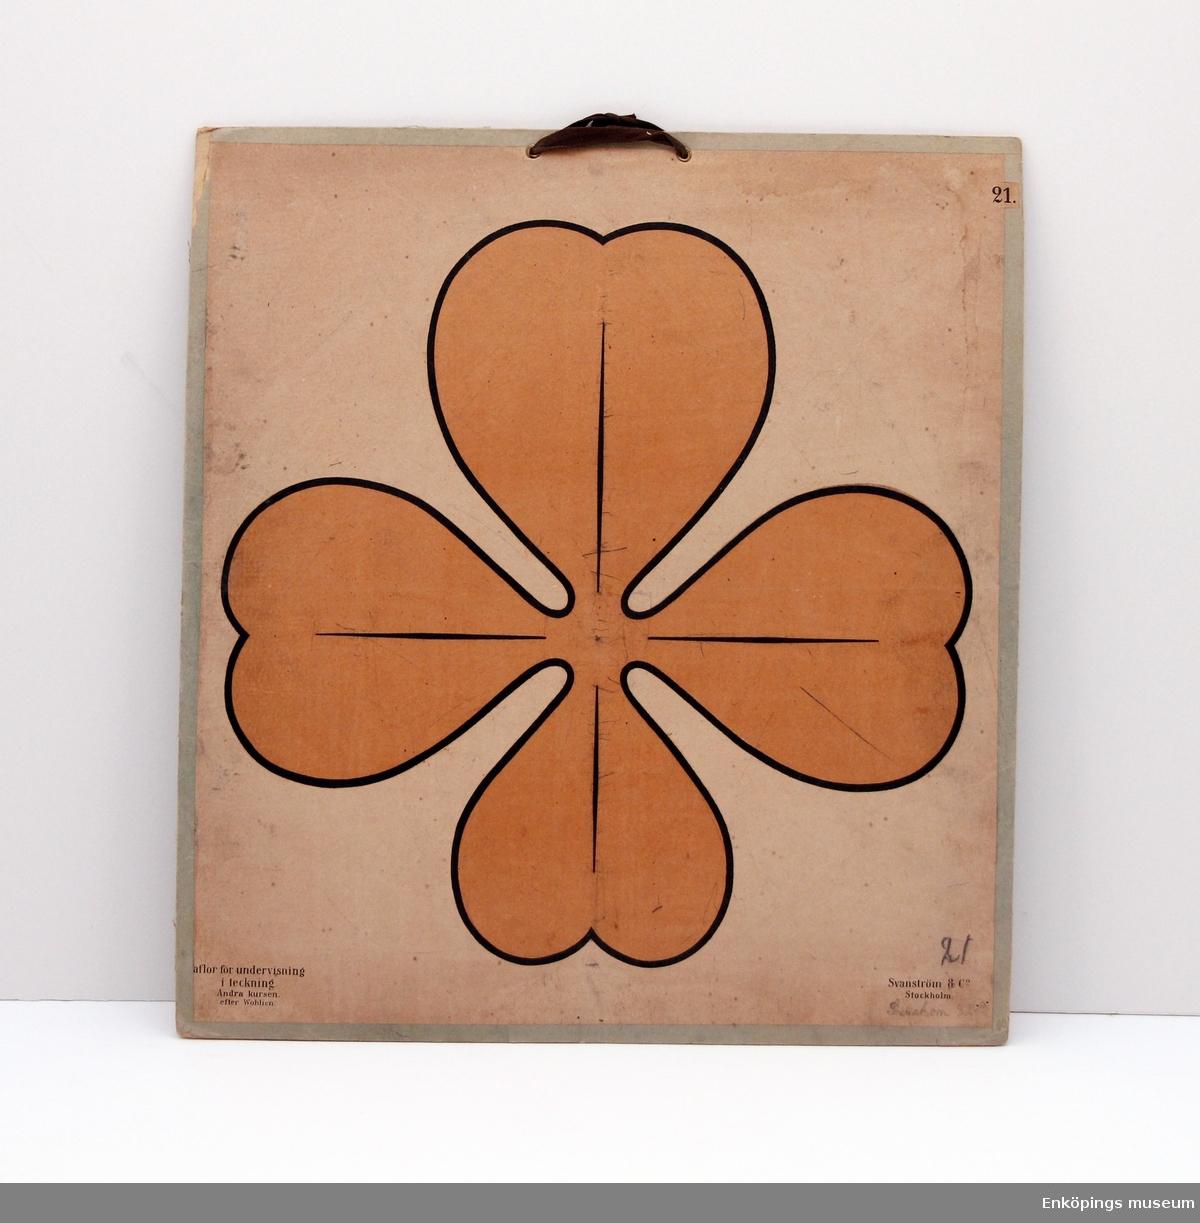 Skolplansch i ämnet teckning som visar en bild av en fyrklöver. Från Svanström & Co., Stockholm.  Skolplanscher användes i de flesta skolämnen under 1900-talet. År 1900 kom en ny läroplan (normalplan) där lektionerna skulle åskådliggöras för eleverna för att de skulle förstå bättre. Detta gjorde att räknestavar, skolplanscher, stora kartor och den svarta tavlan blev viktiga skolredskap.